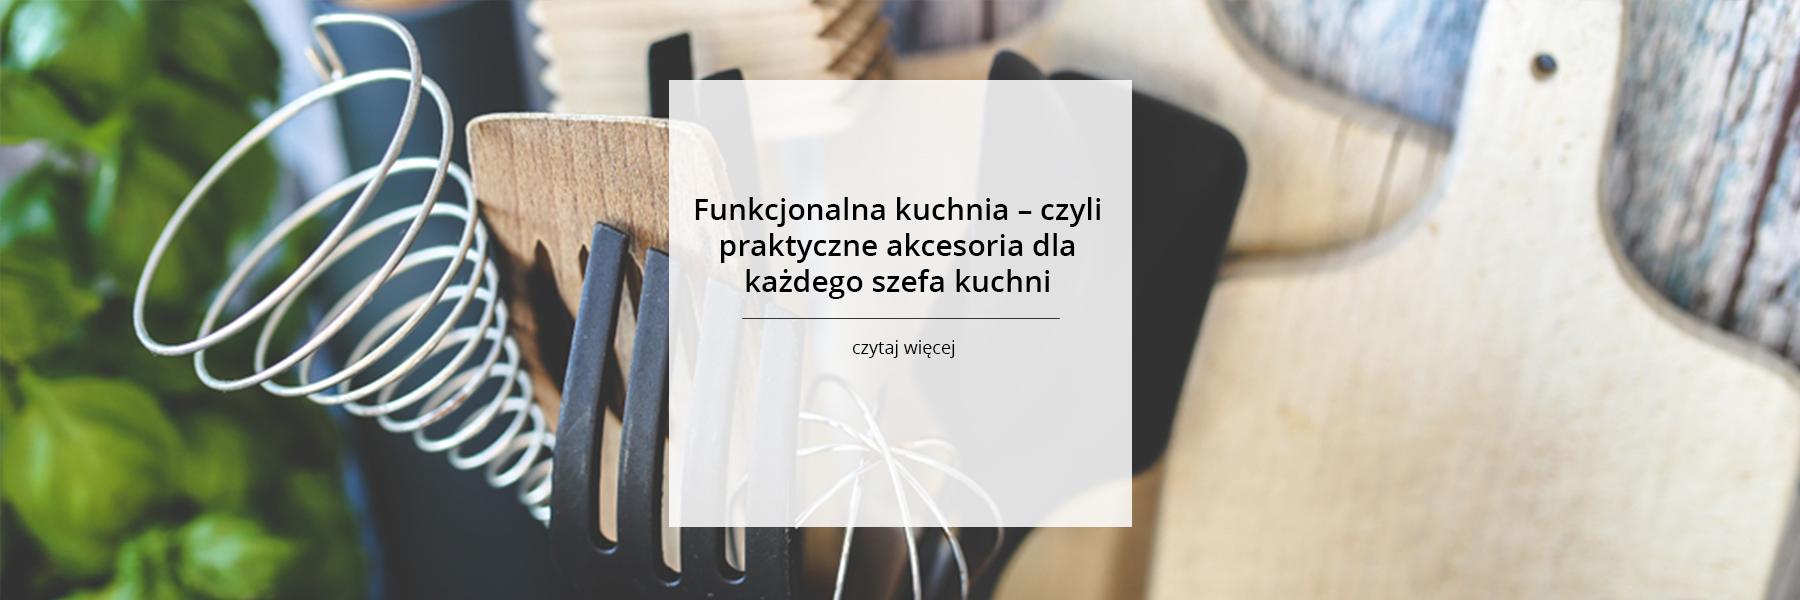 Funkcjonalna kuchnia – czyli praktyczne akcesoria dla każdego szefa kuchni